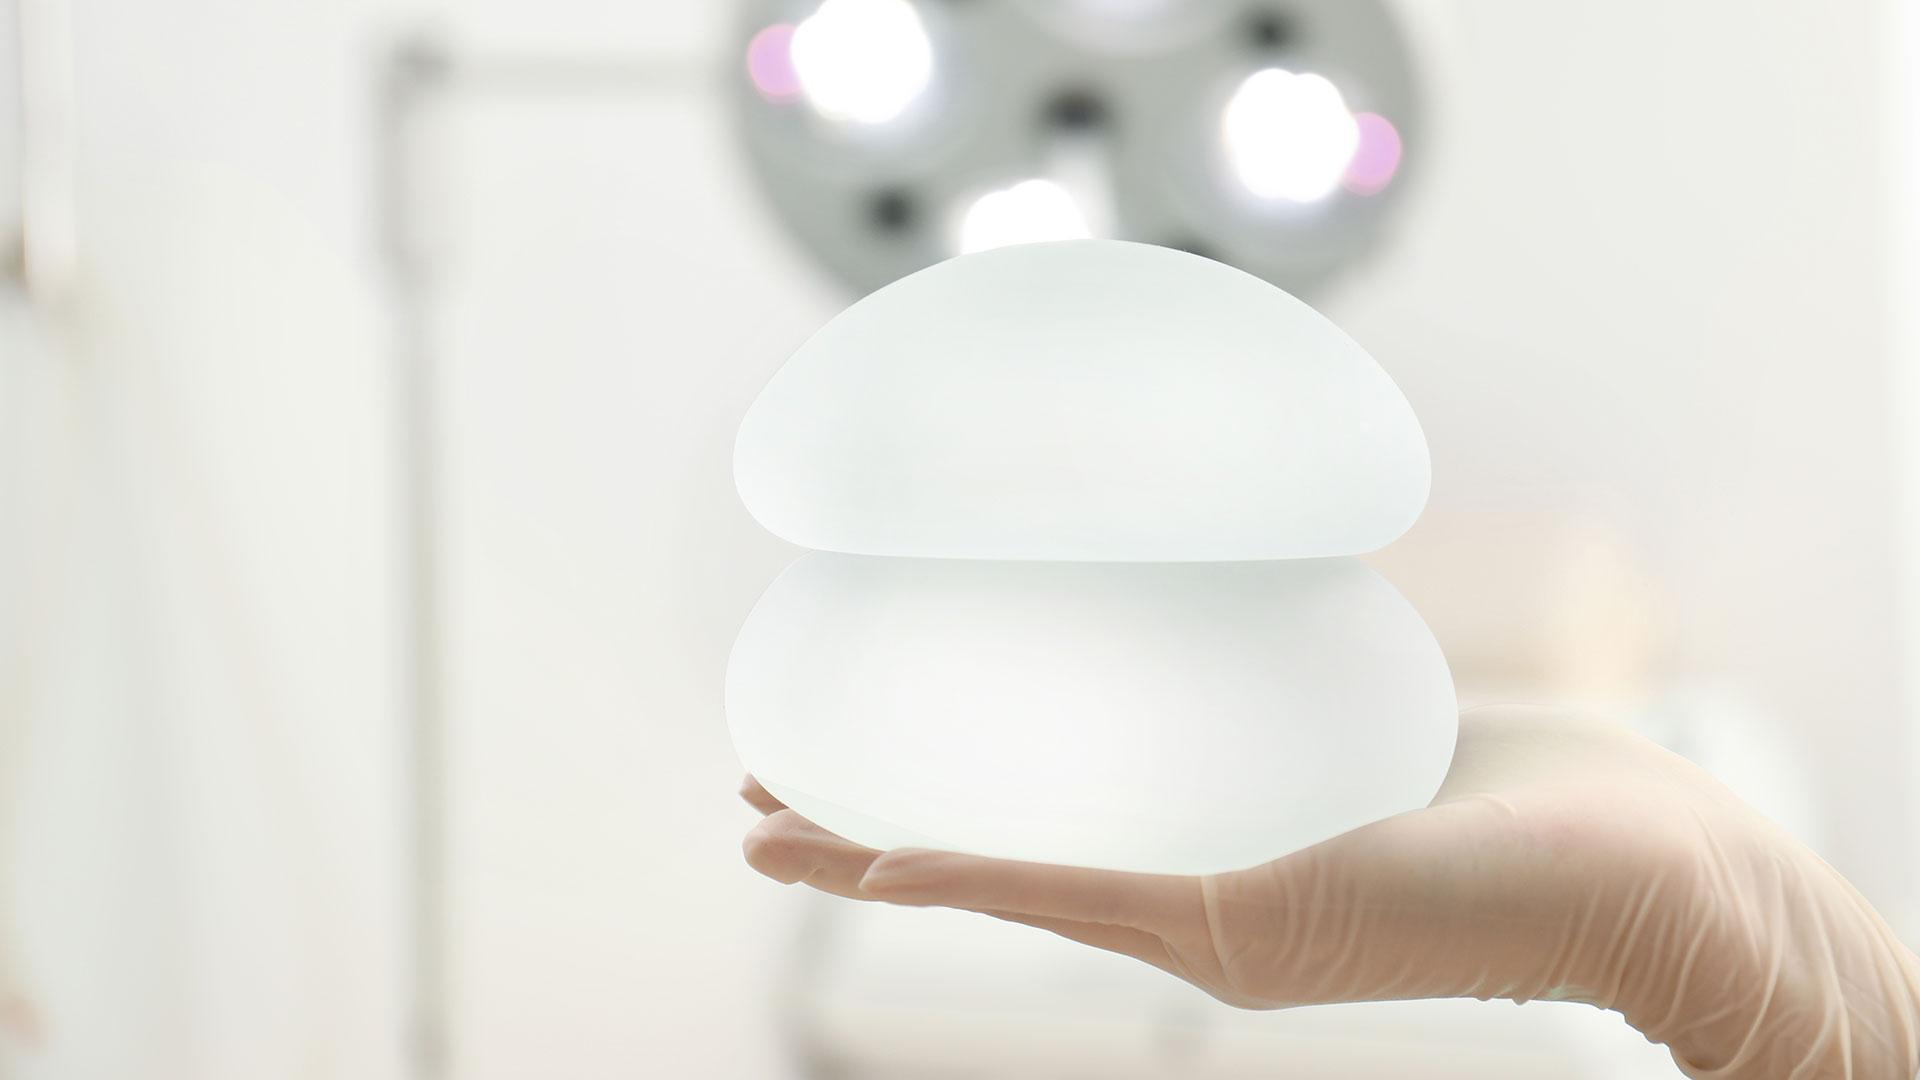 Implantes mamarios texturizados y expansores